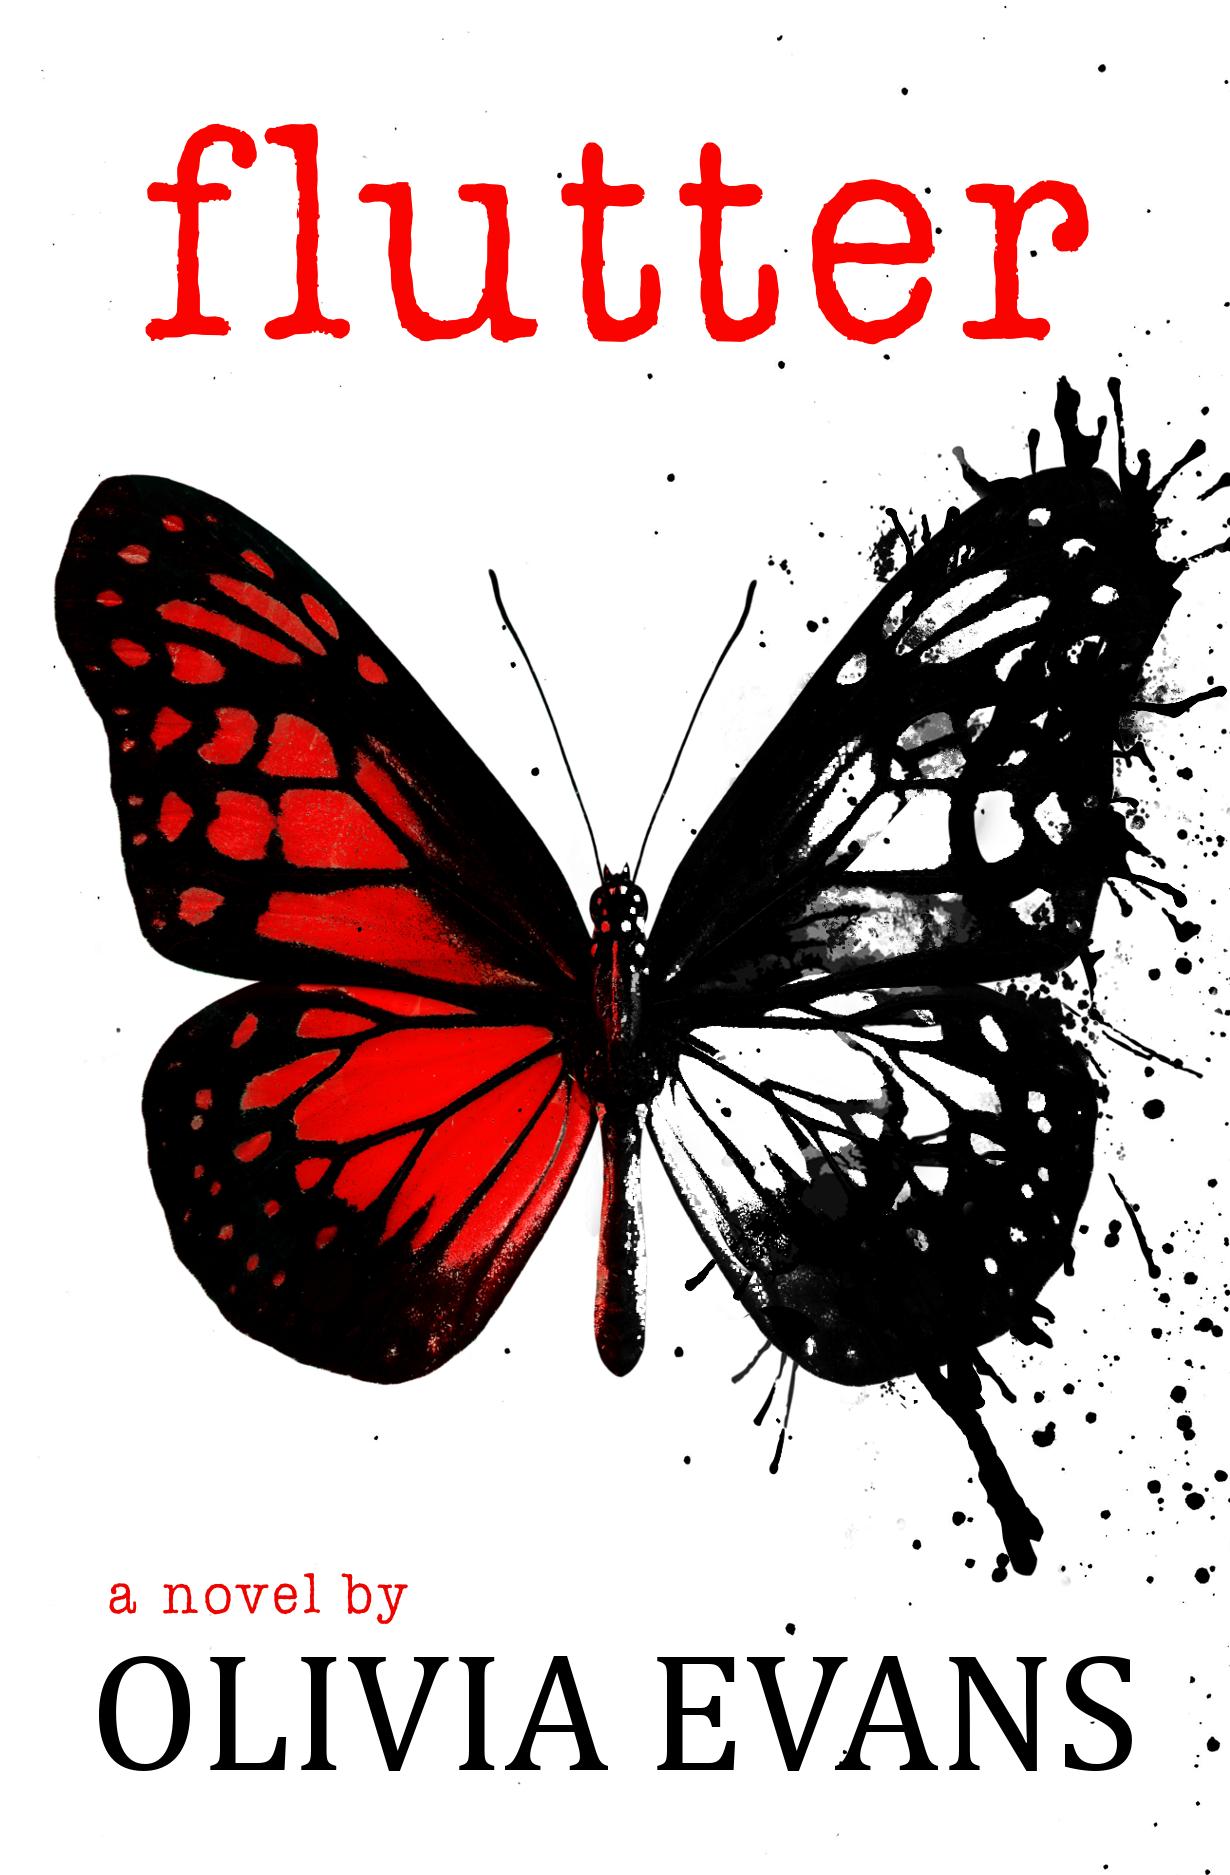 FLUTTER Cover – Olivia Evans